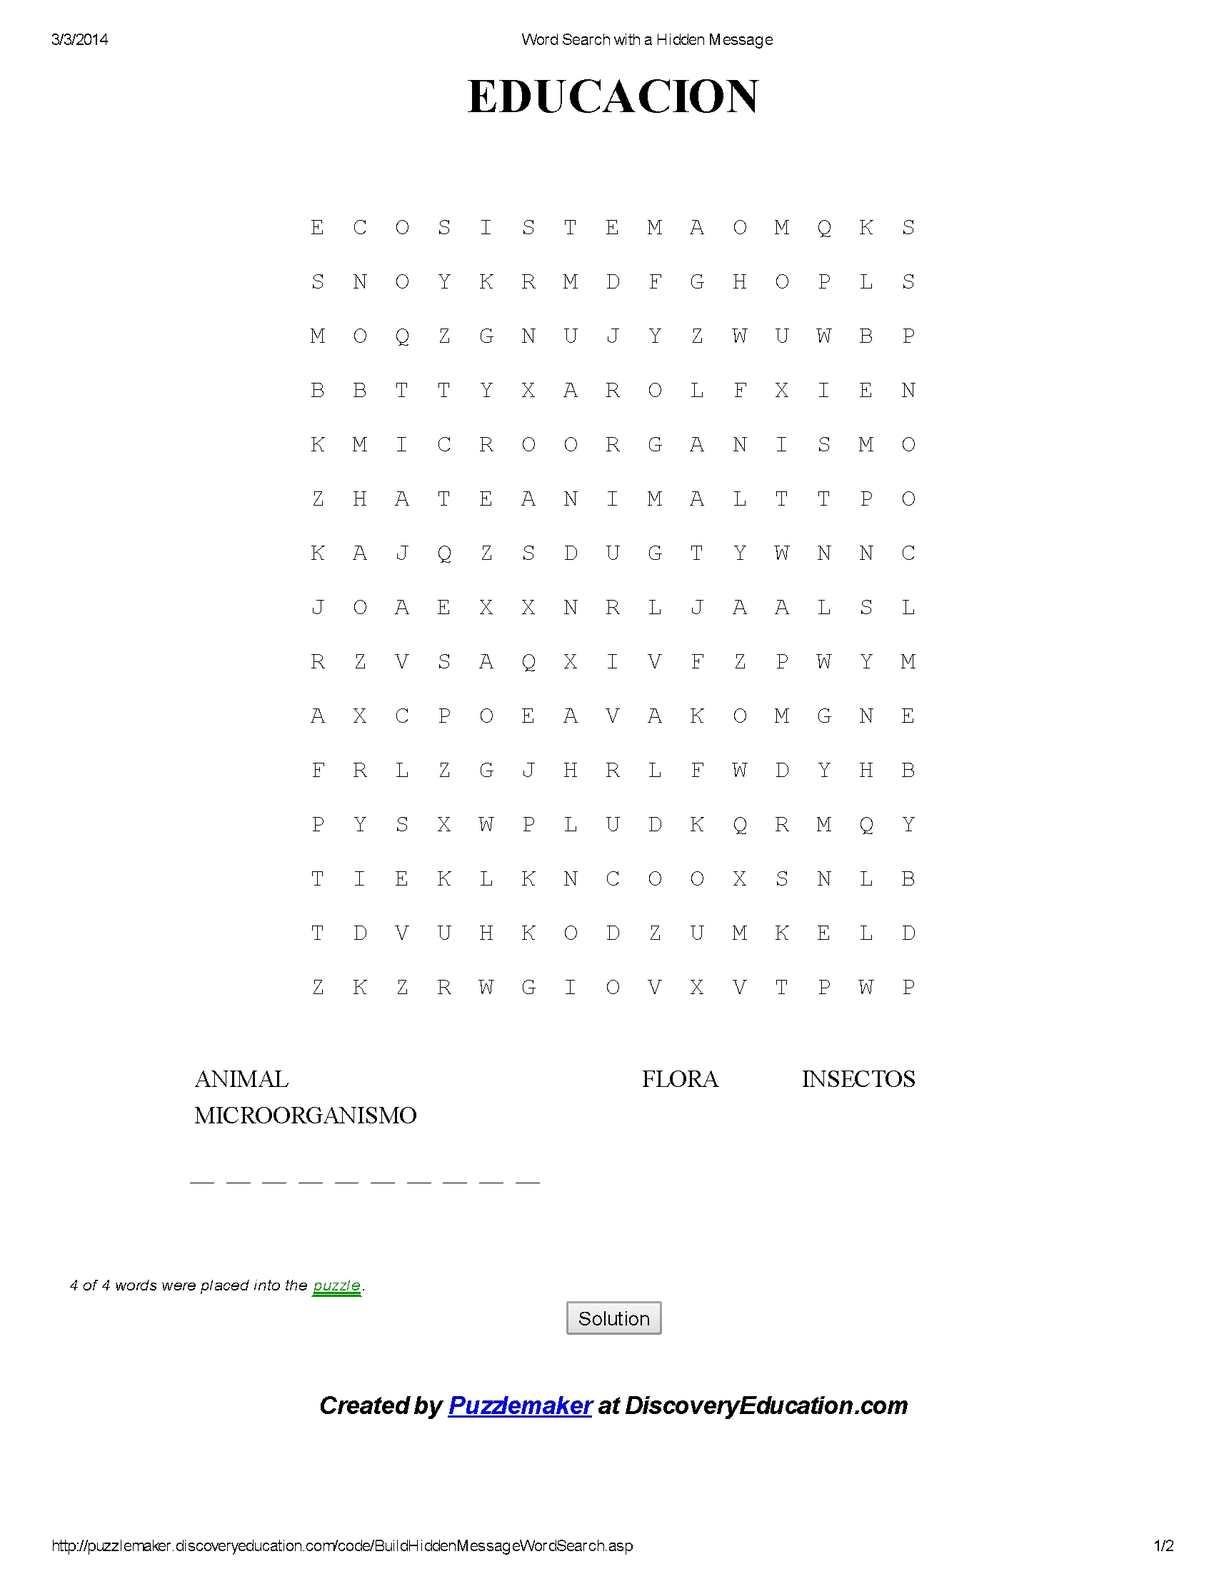 Calaméo - Word Search with a Hidden Message ( educacion)